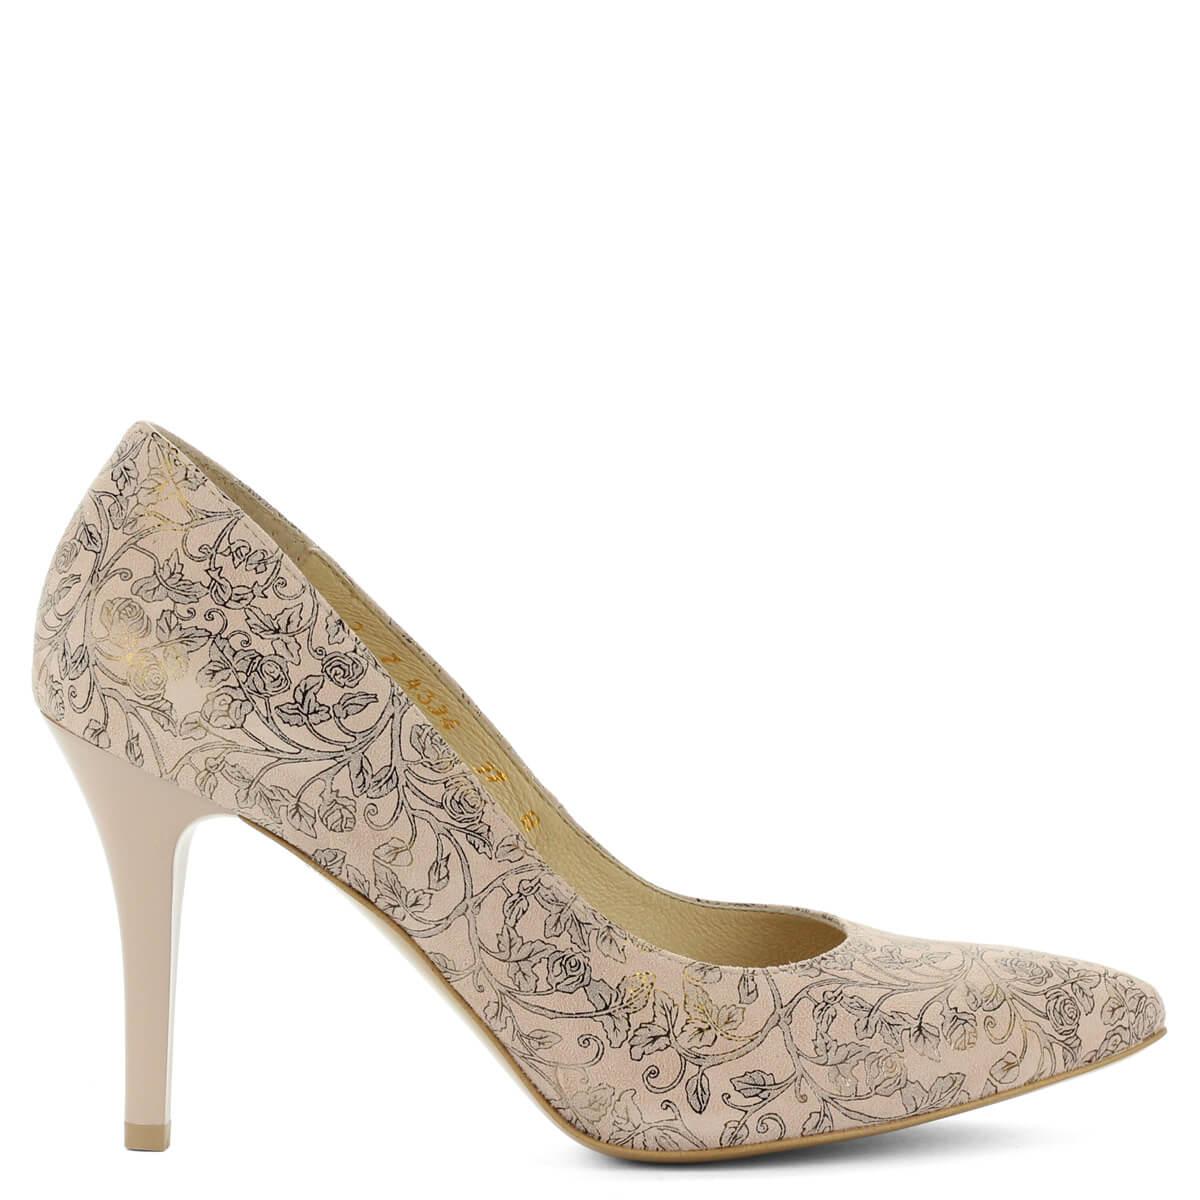 Virágmintás Anis magassarkú bőr cipő. Különleges mintájú felsőrésszel  készült. Kívül belül bőr 32450bd8ee